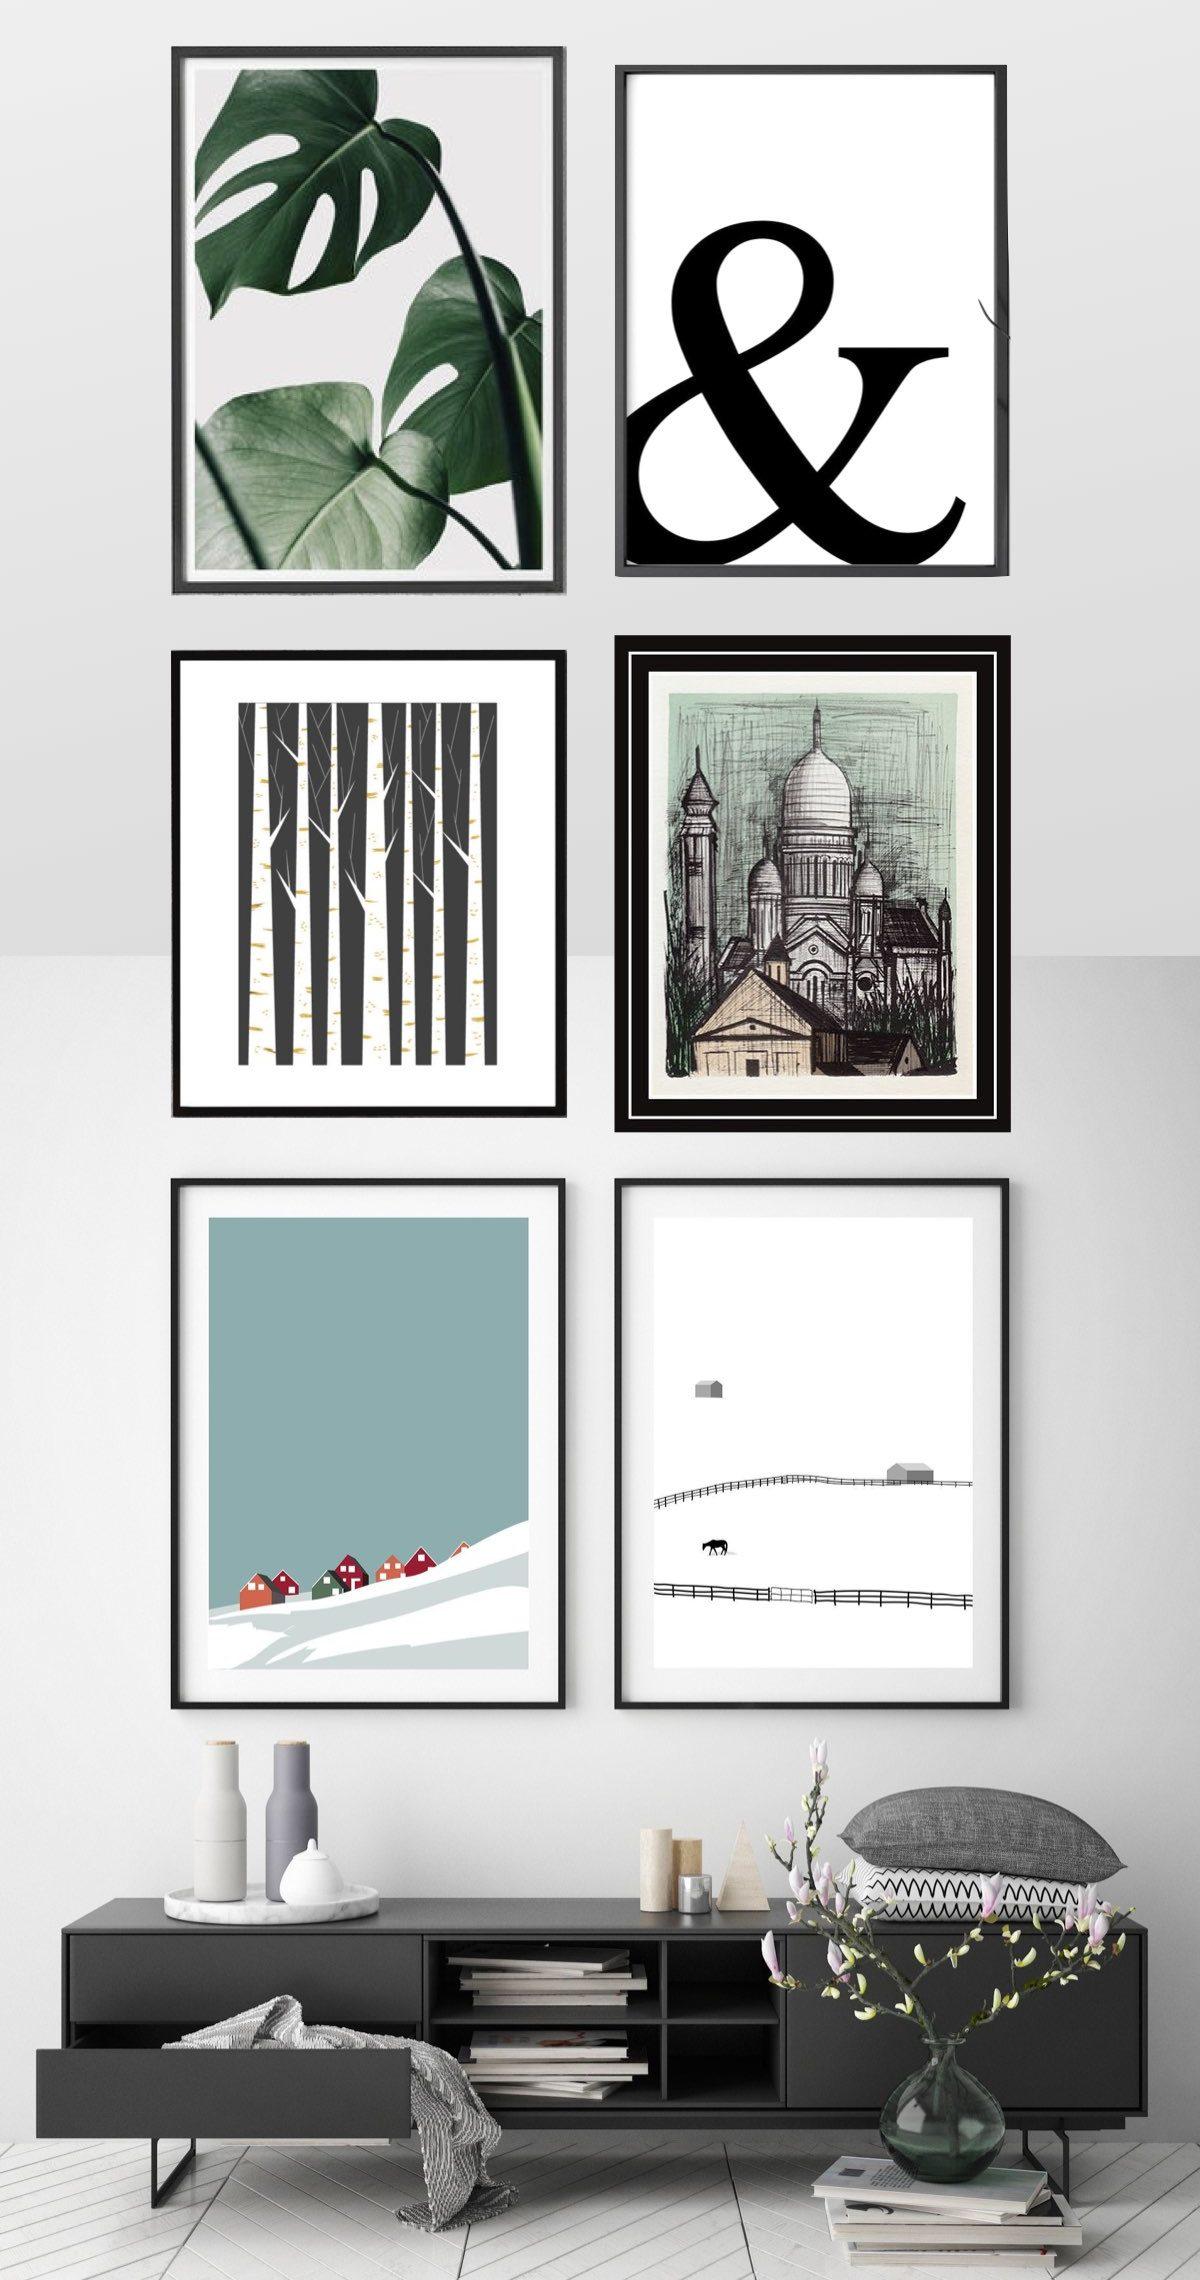 mur de cadres arty etsy tendance lithographie bernard buffet salon gris noir blanc